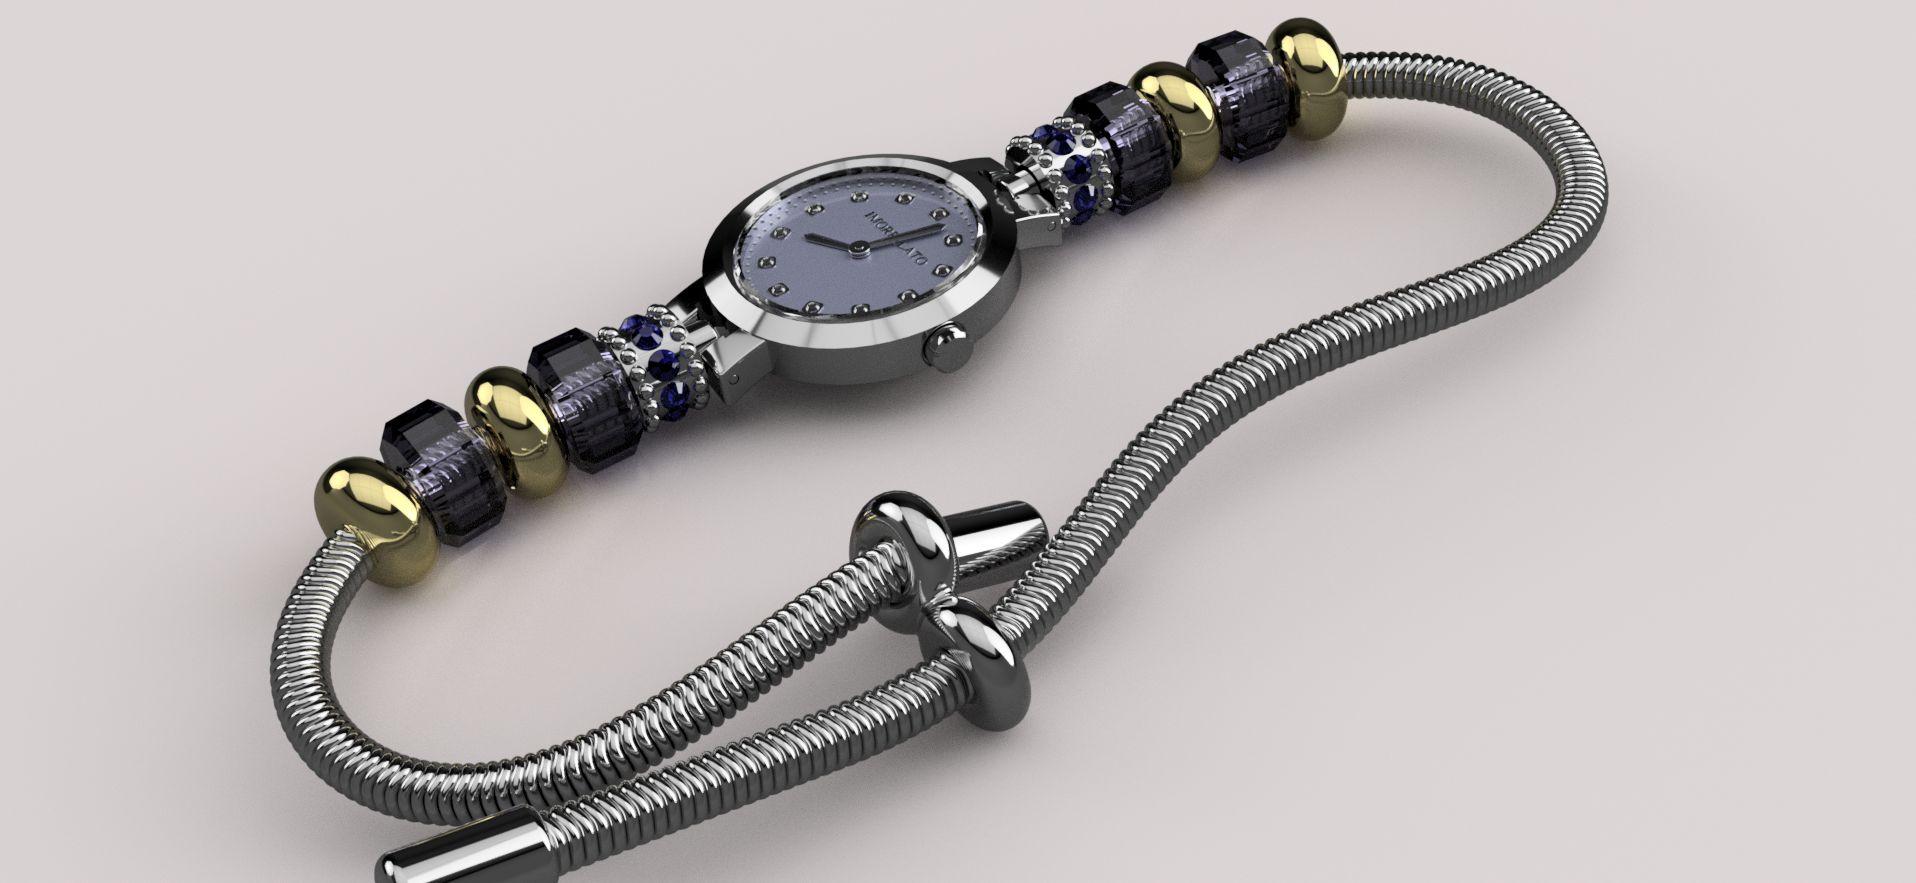 Morellato-watch-v2-3500-3500